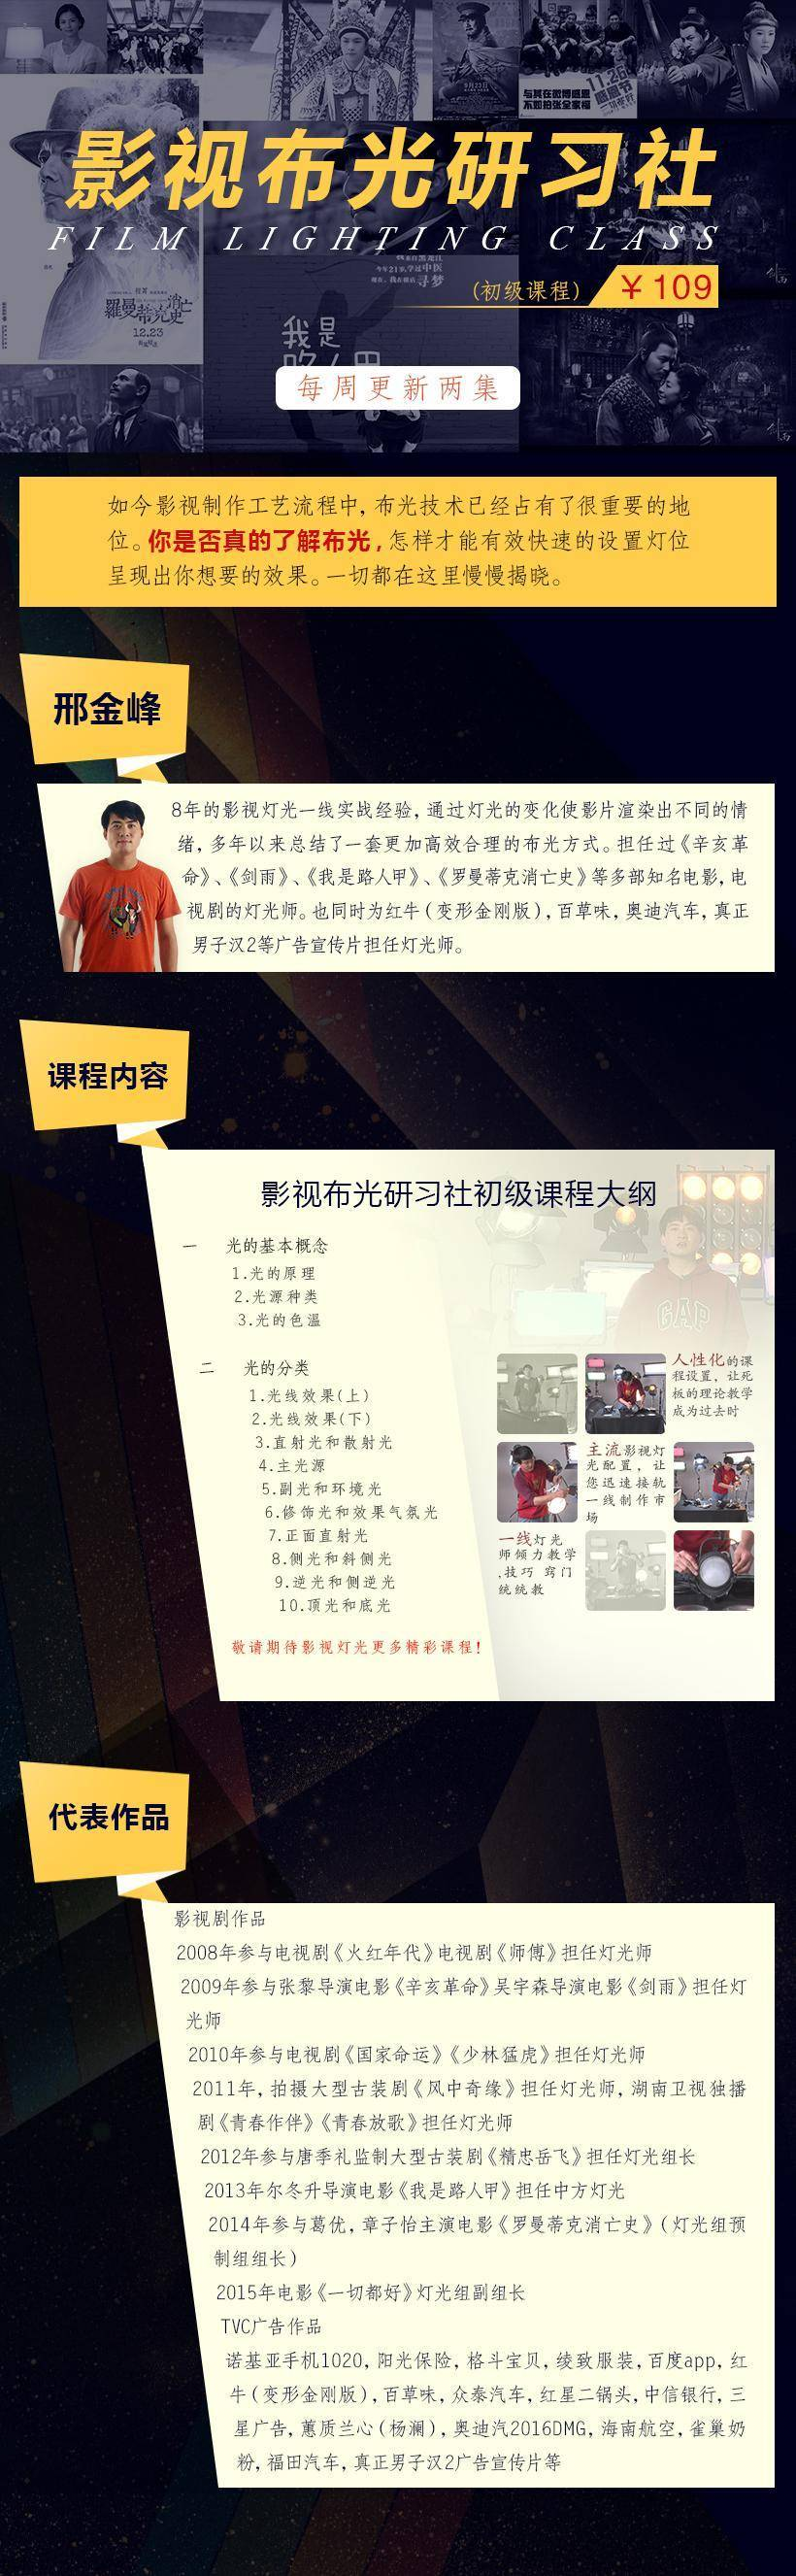 精品讲座-邢金峰影视布光研习社(初级+中级+高级) 一线灯光师教学课程(3)